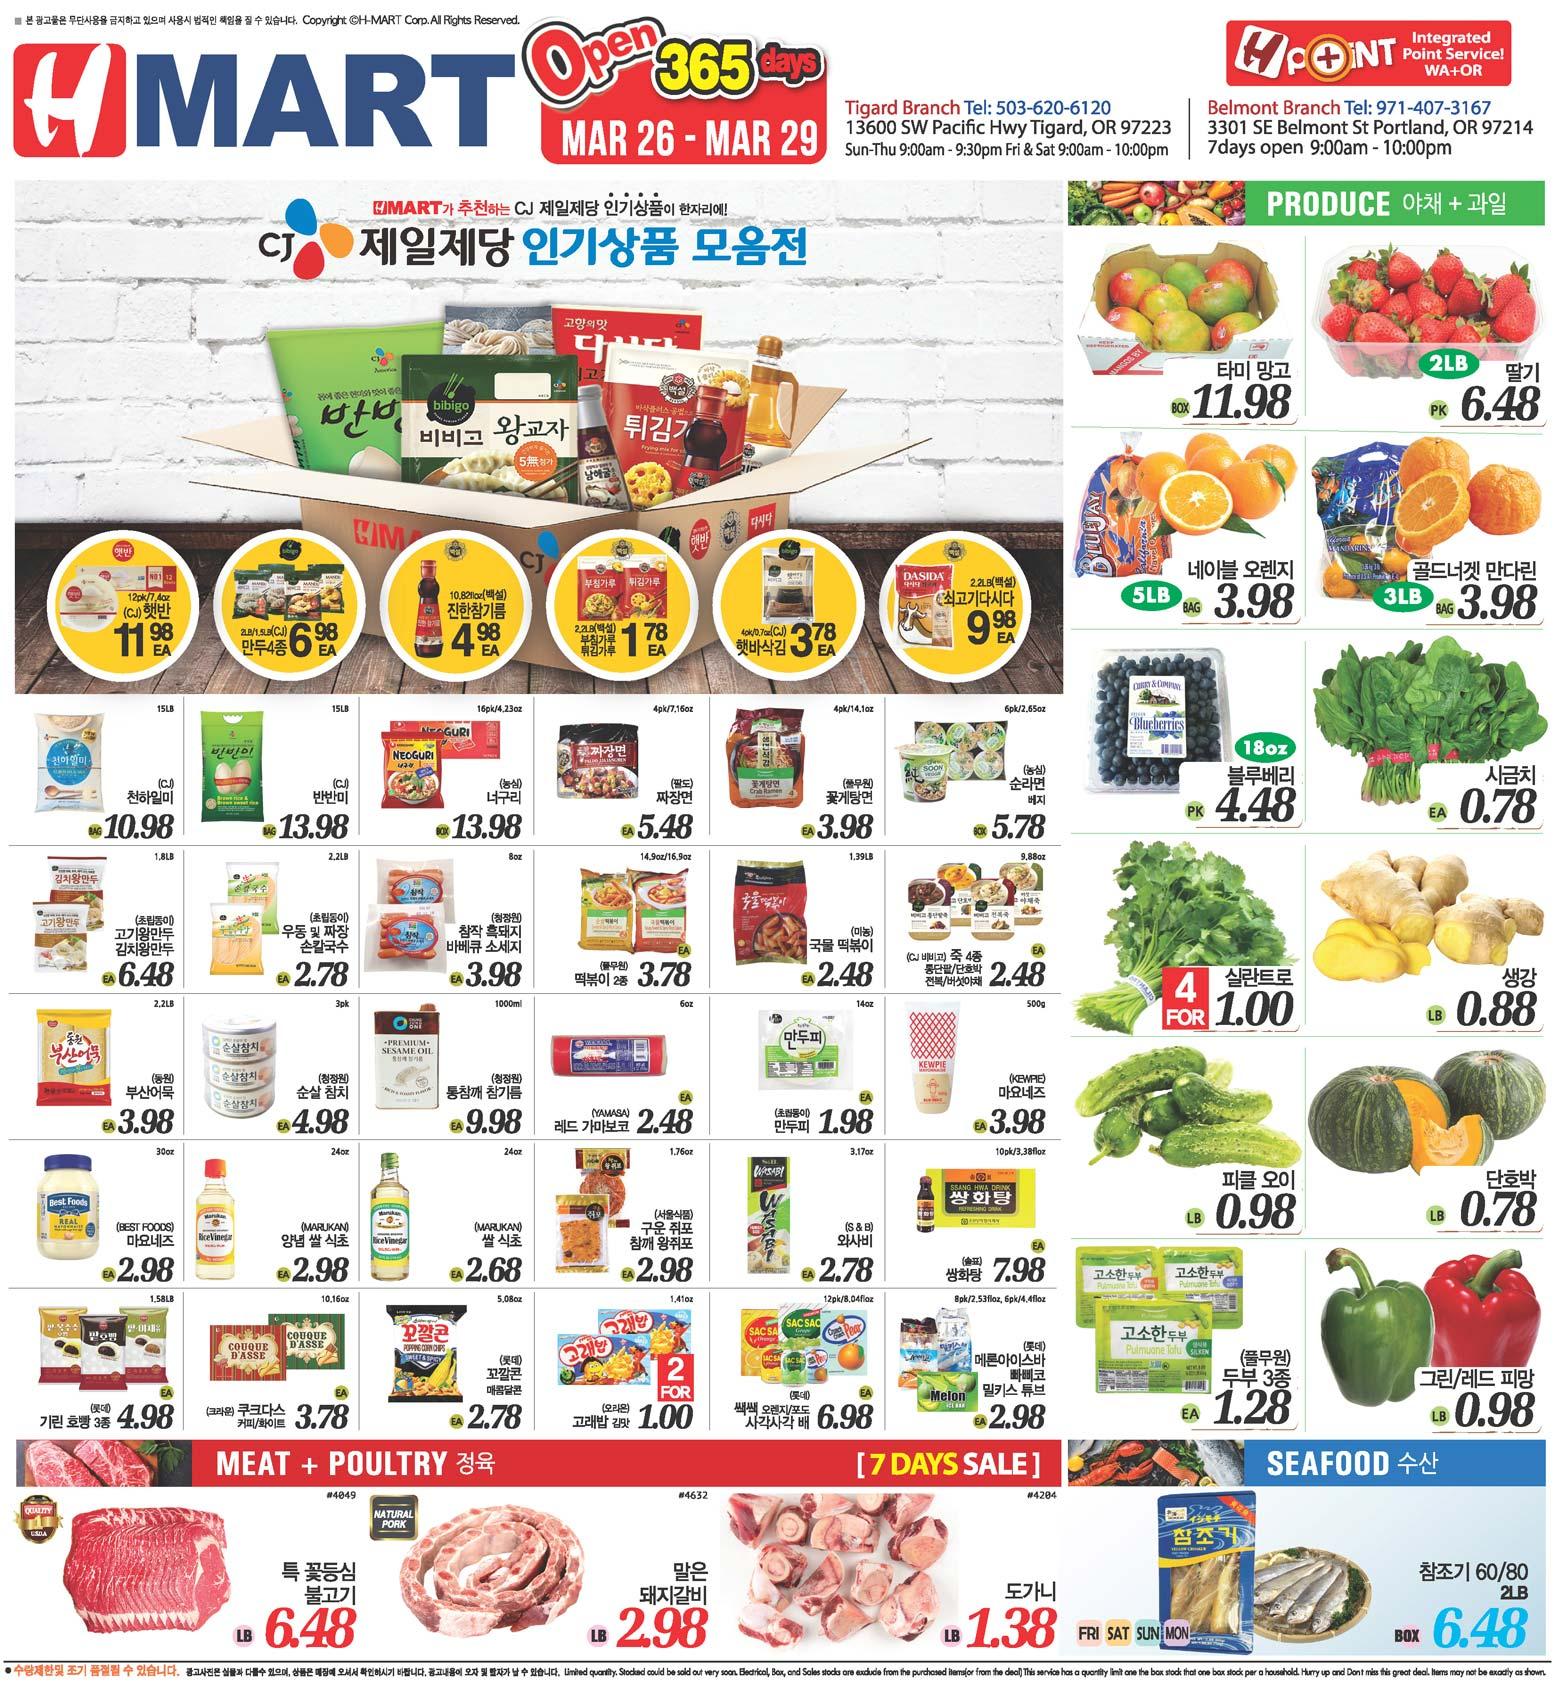 Hmart Portland Weekly Ad - Tigard 03-26-2021